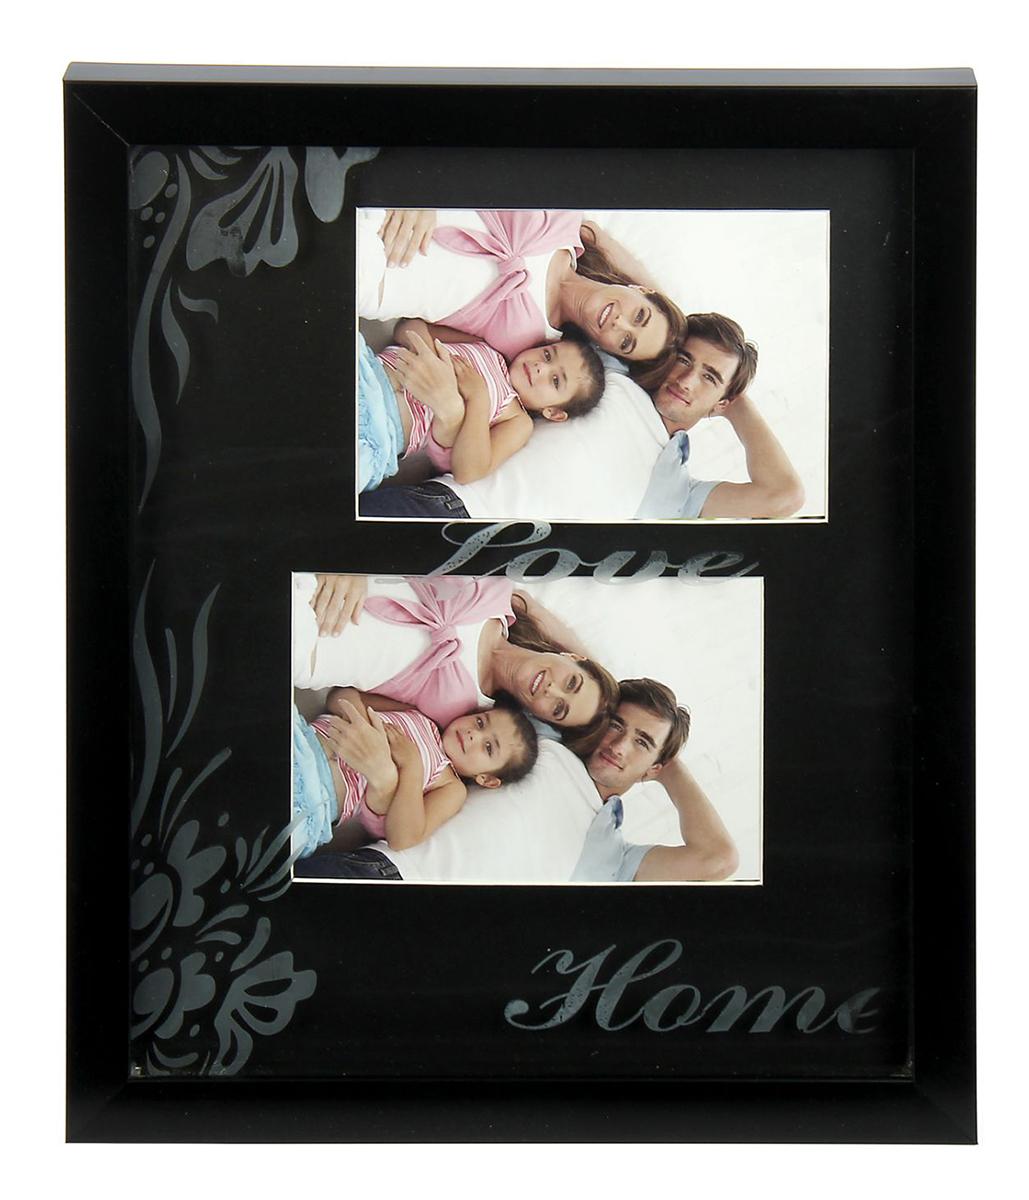 """Фоторамка """"Любовь"""", 10 х 15 см, цвет: черный. 158677"""